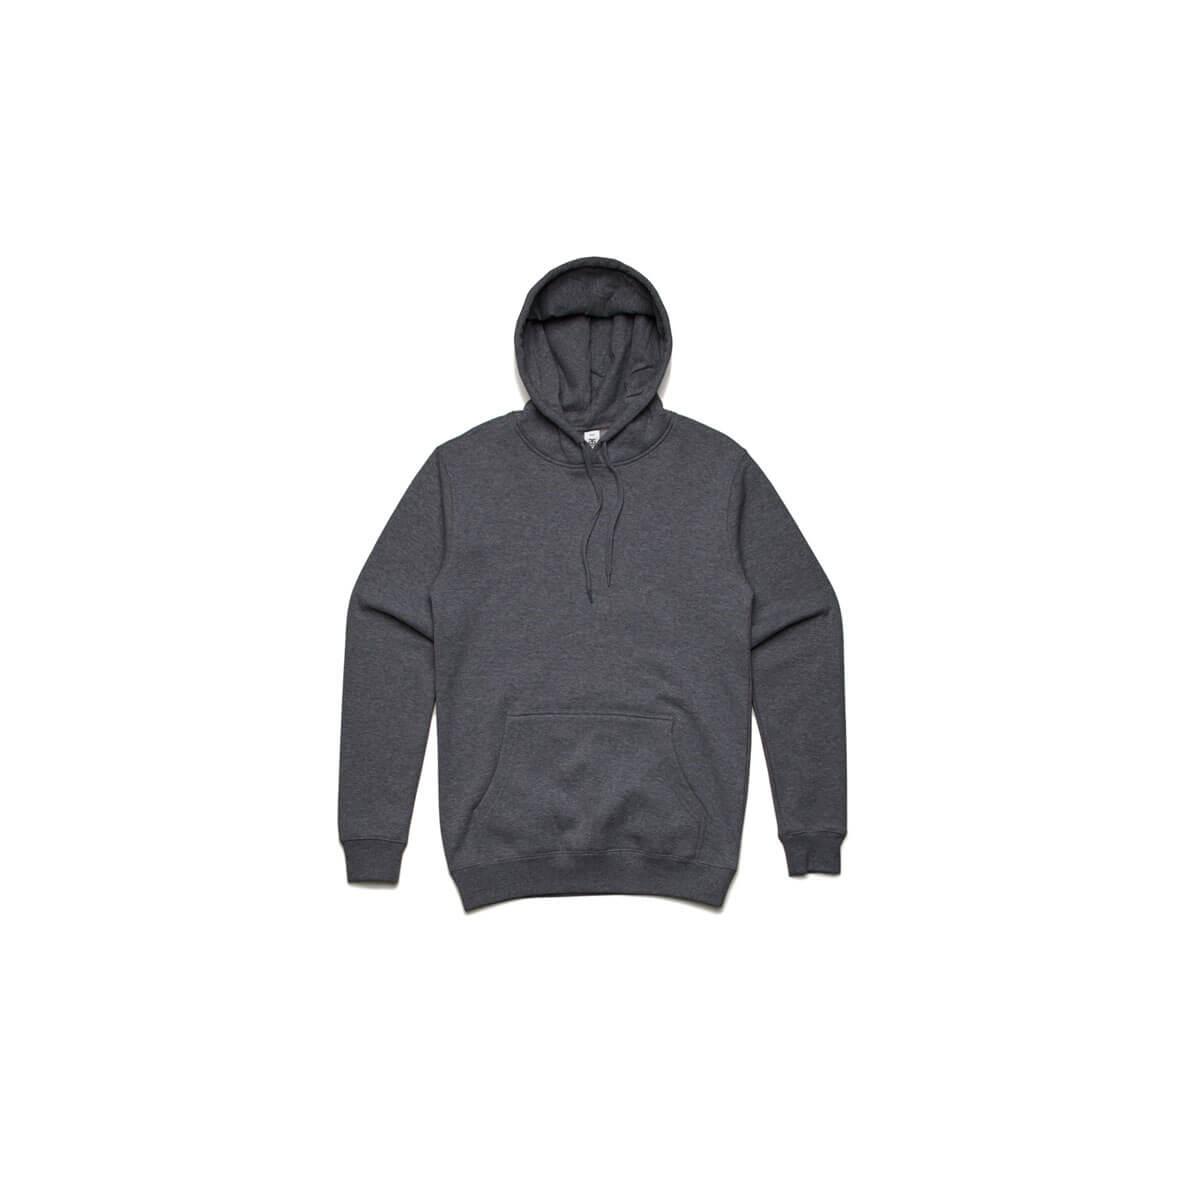 e667b6b16 Custom Hoodies - Custom Clothing